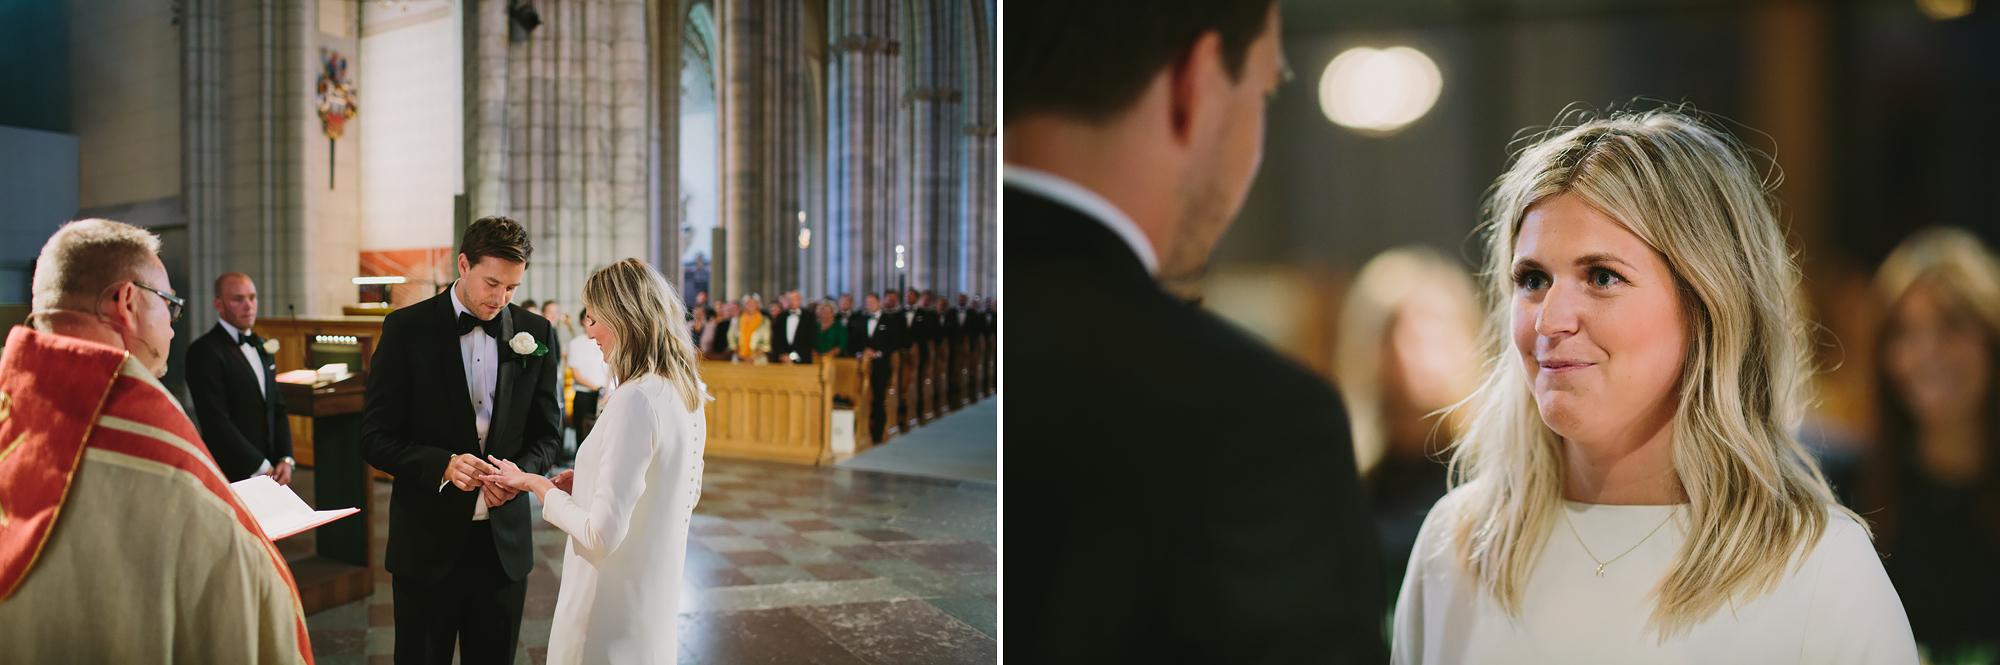 brudgum trär ringen på brudens finger